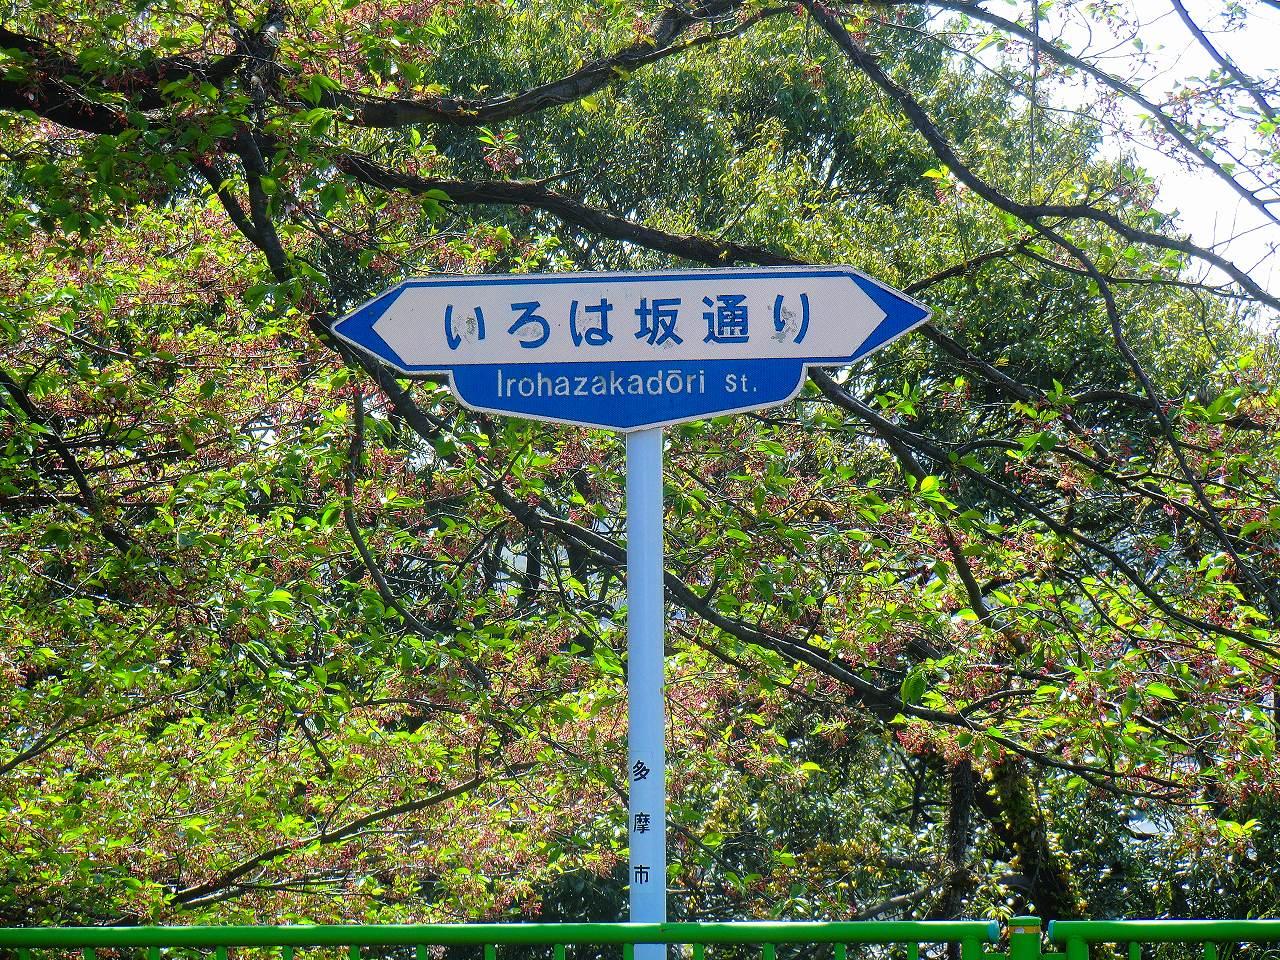 2012_0424_091819-CIMG1899.jpg